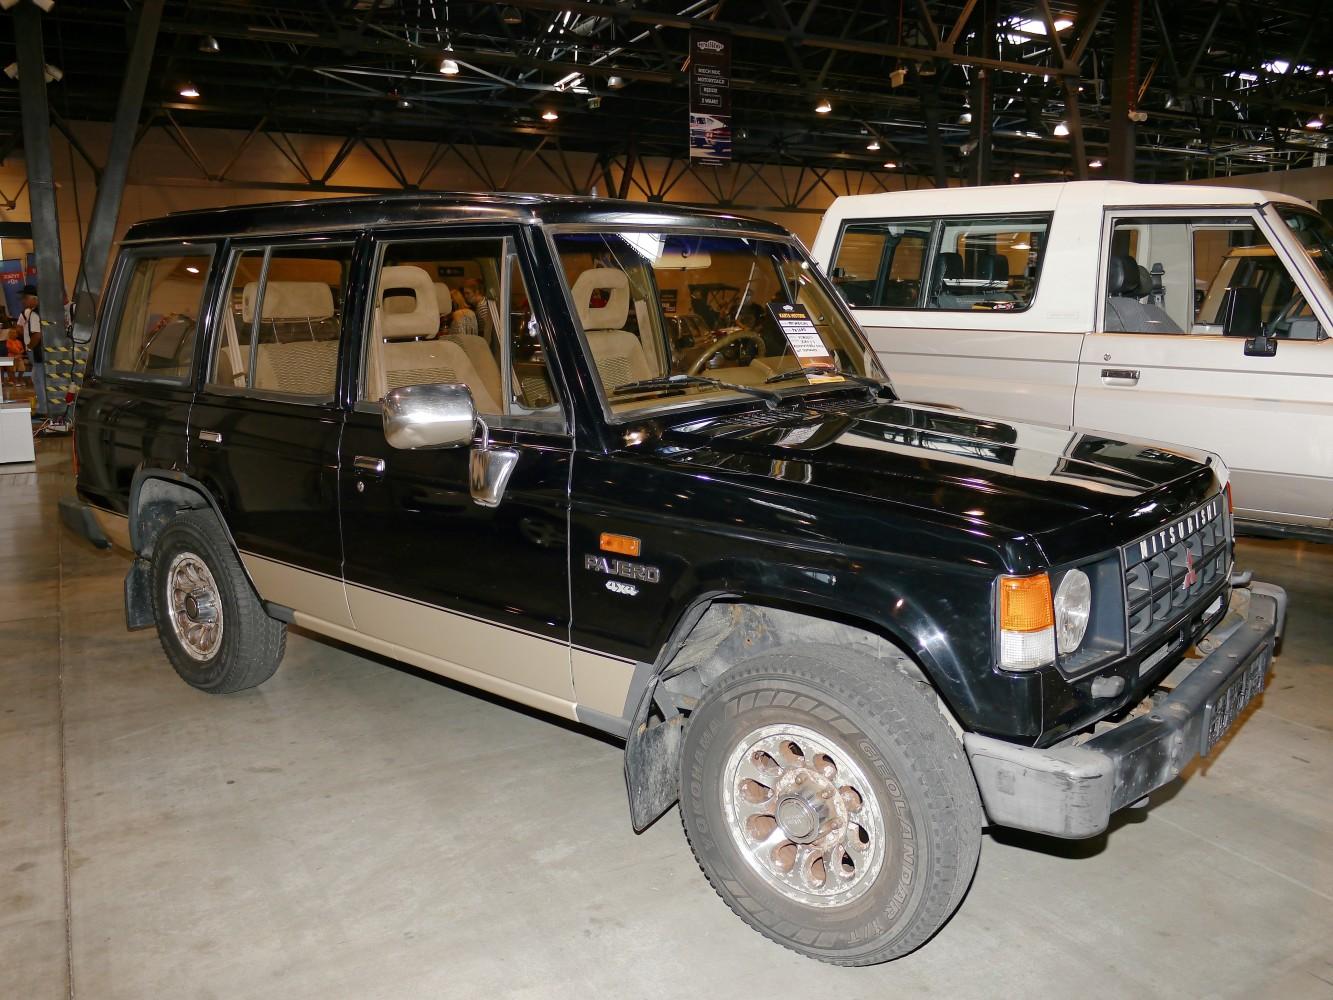 Kliknij obrazek, aby uzyskać większą wersję  Nazwa:Mitsubishi Pajero (1).jpg Wyświetleń:48 Rozmiar:336,8 KB ID:232729